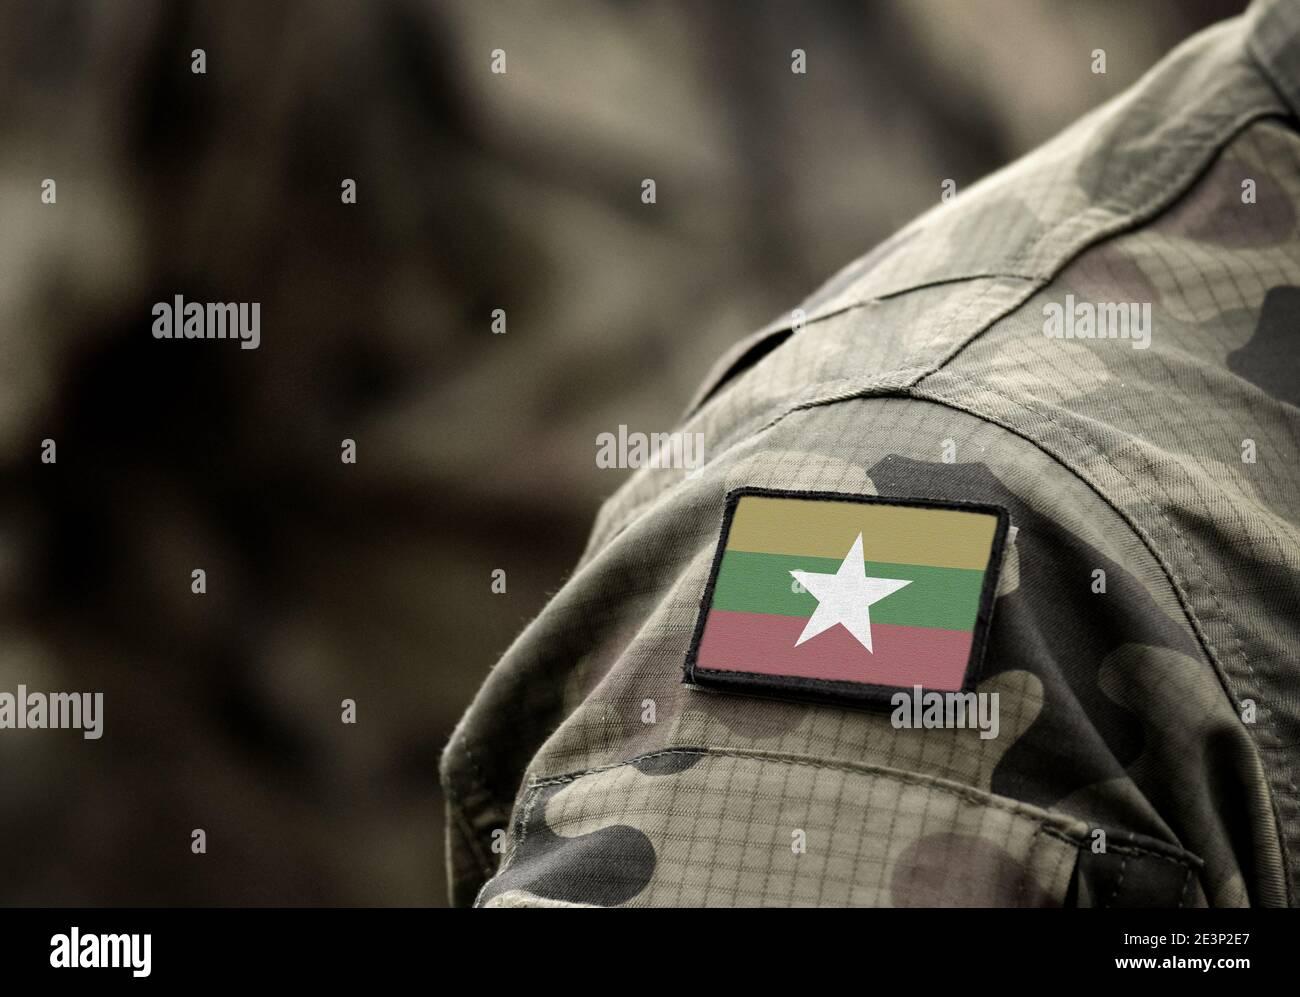 Pavillon de Myanmar et aussi connu sous le nom de Birmanie sur l'uniforme militaire. Les forces armées, l'armée, des soldats. Collage. Banque D'Images